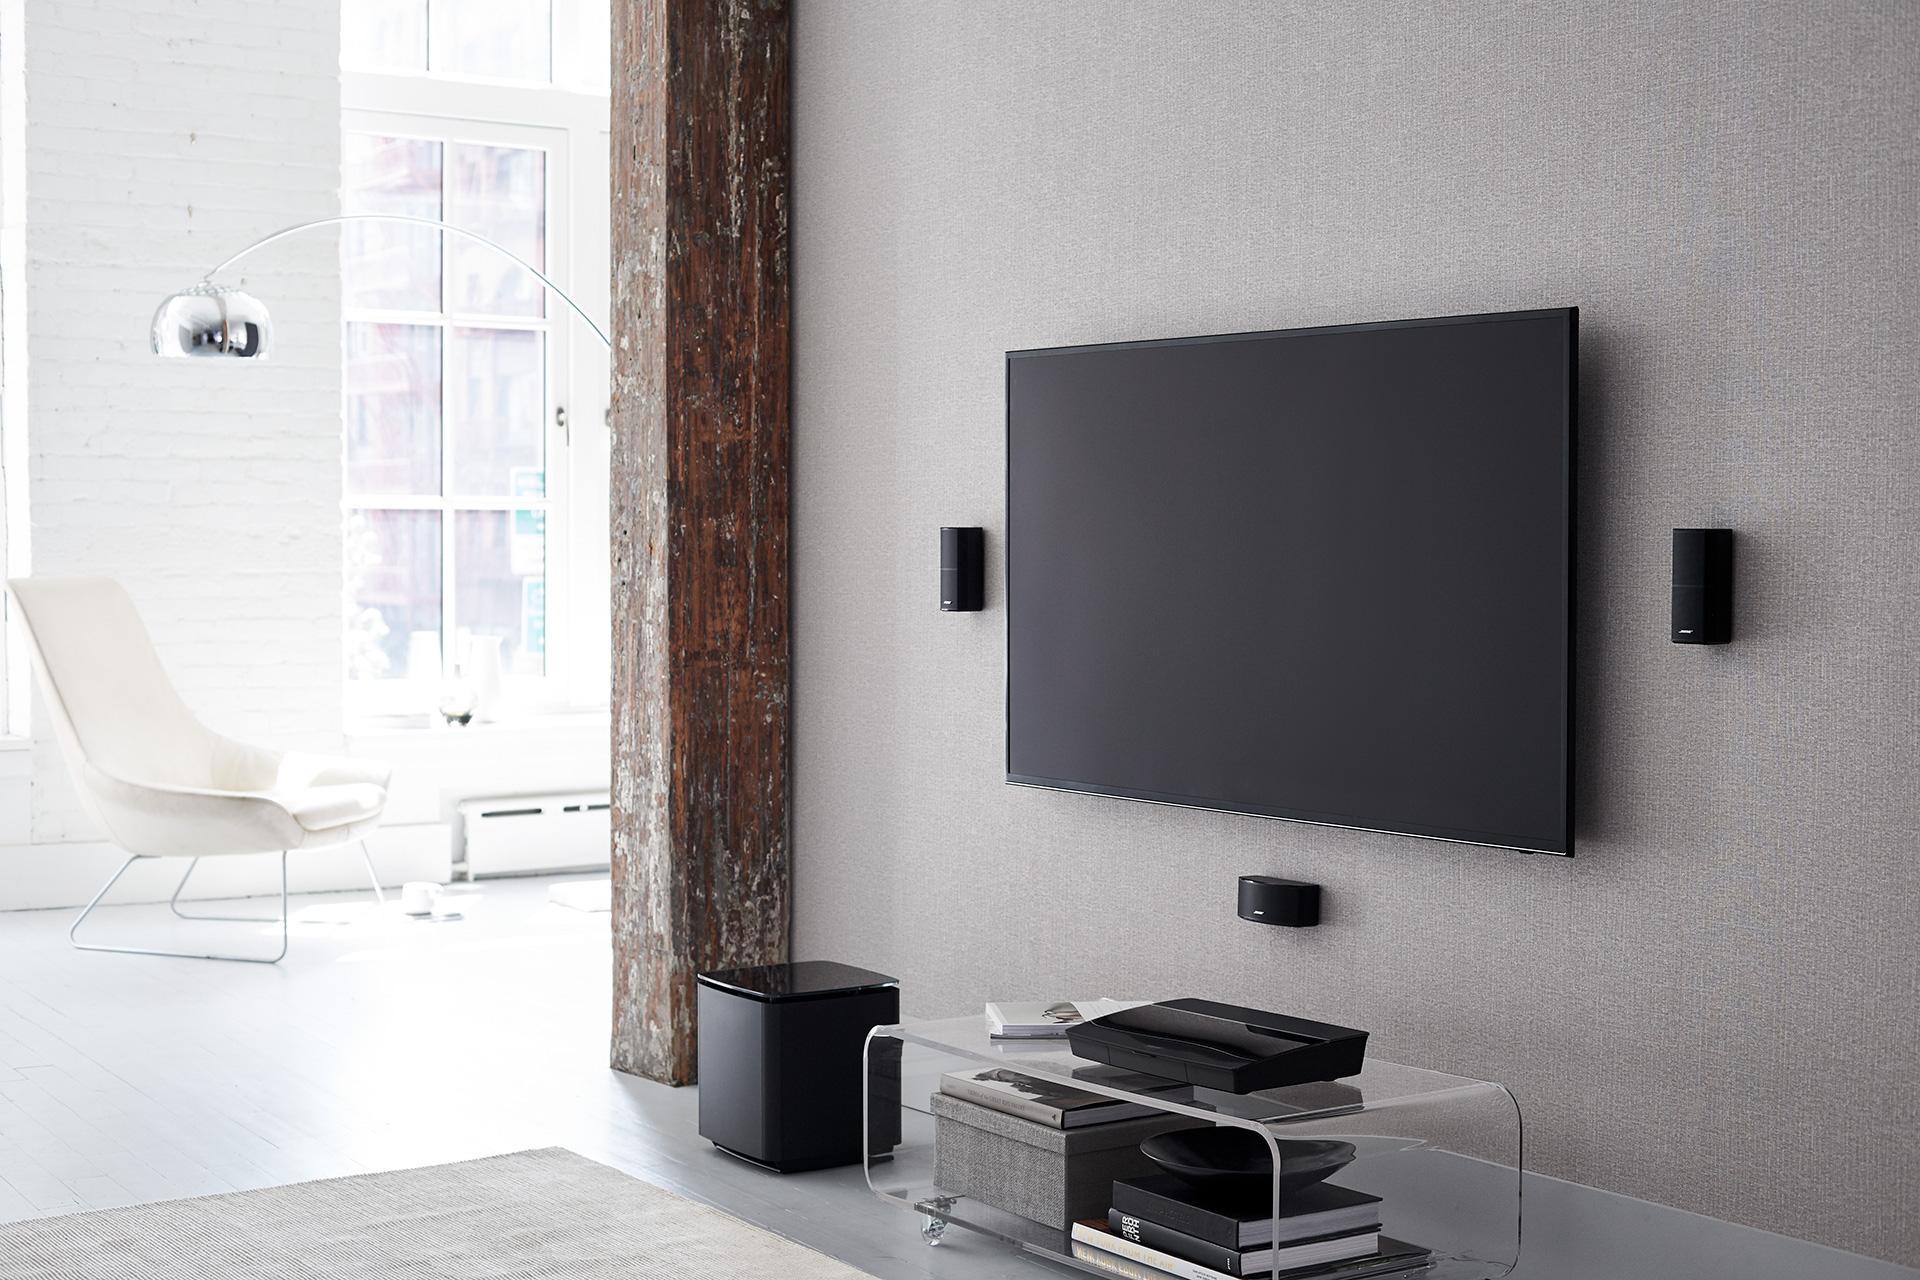 Salon - Système home cinéma Lifestyle 600 ControlSound